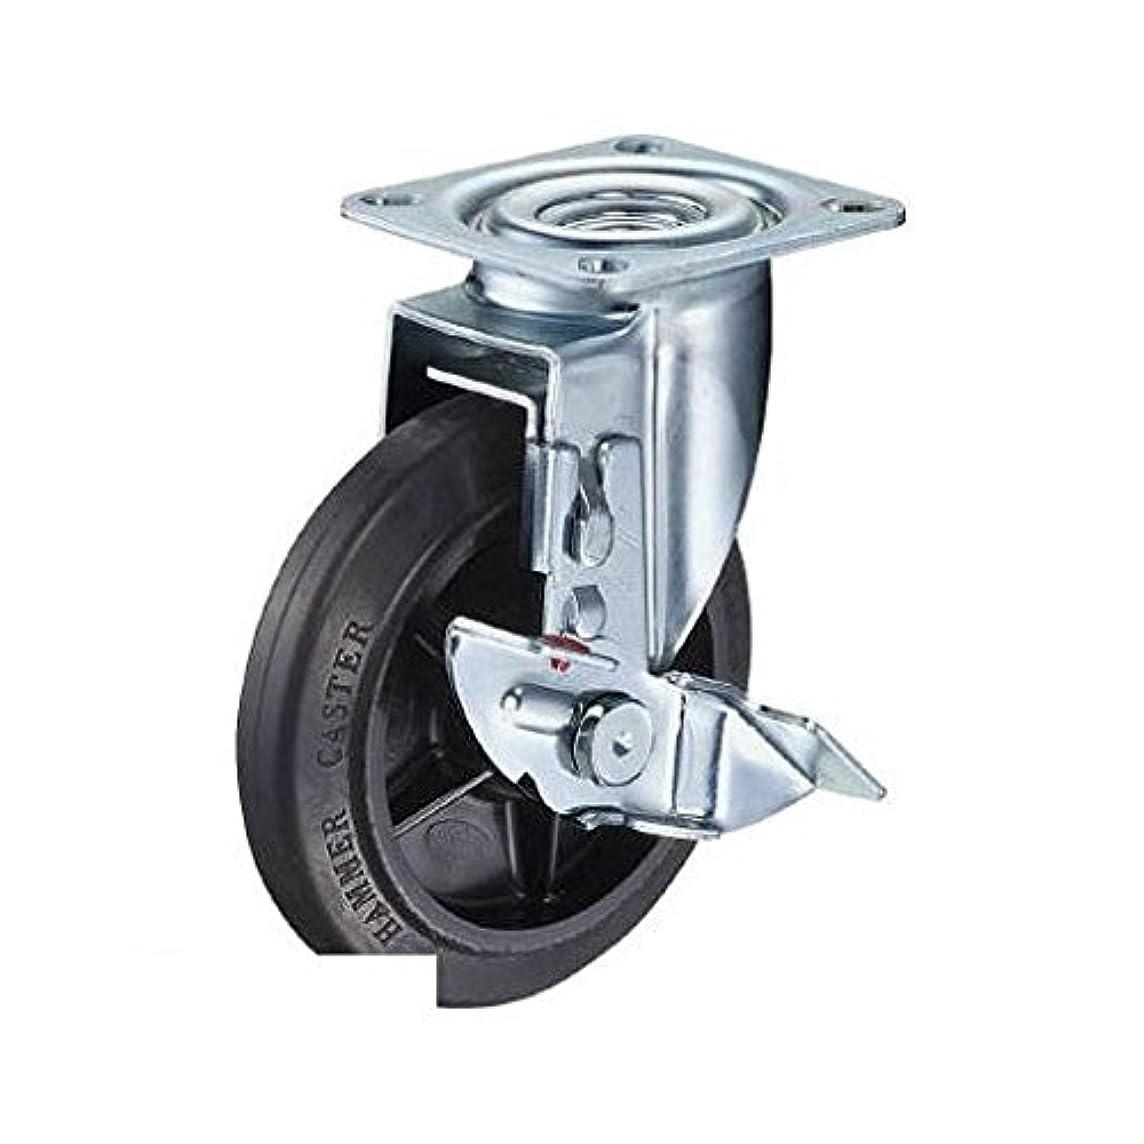 縮約ベルベット聴覚JP62183 2S型 自在ブレーキ付 100mm ナイロンホイルゴム巻車